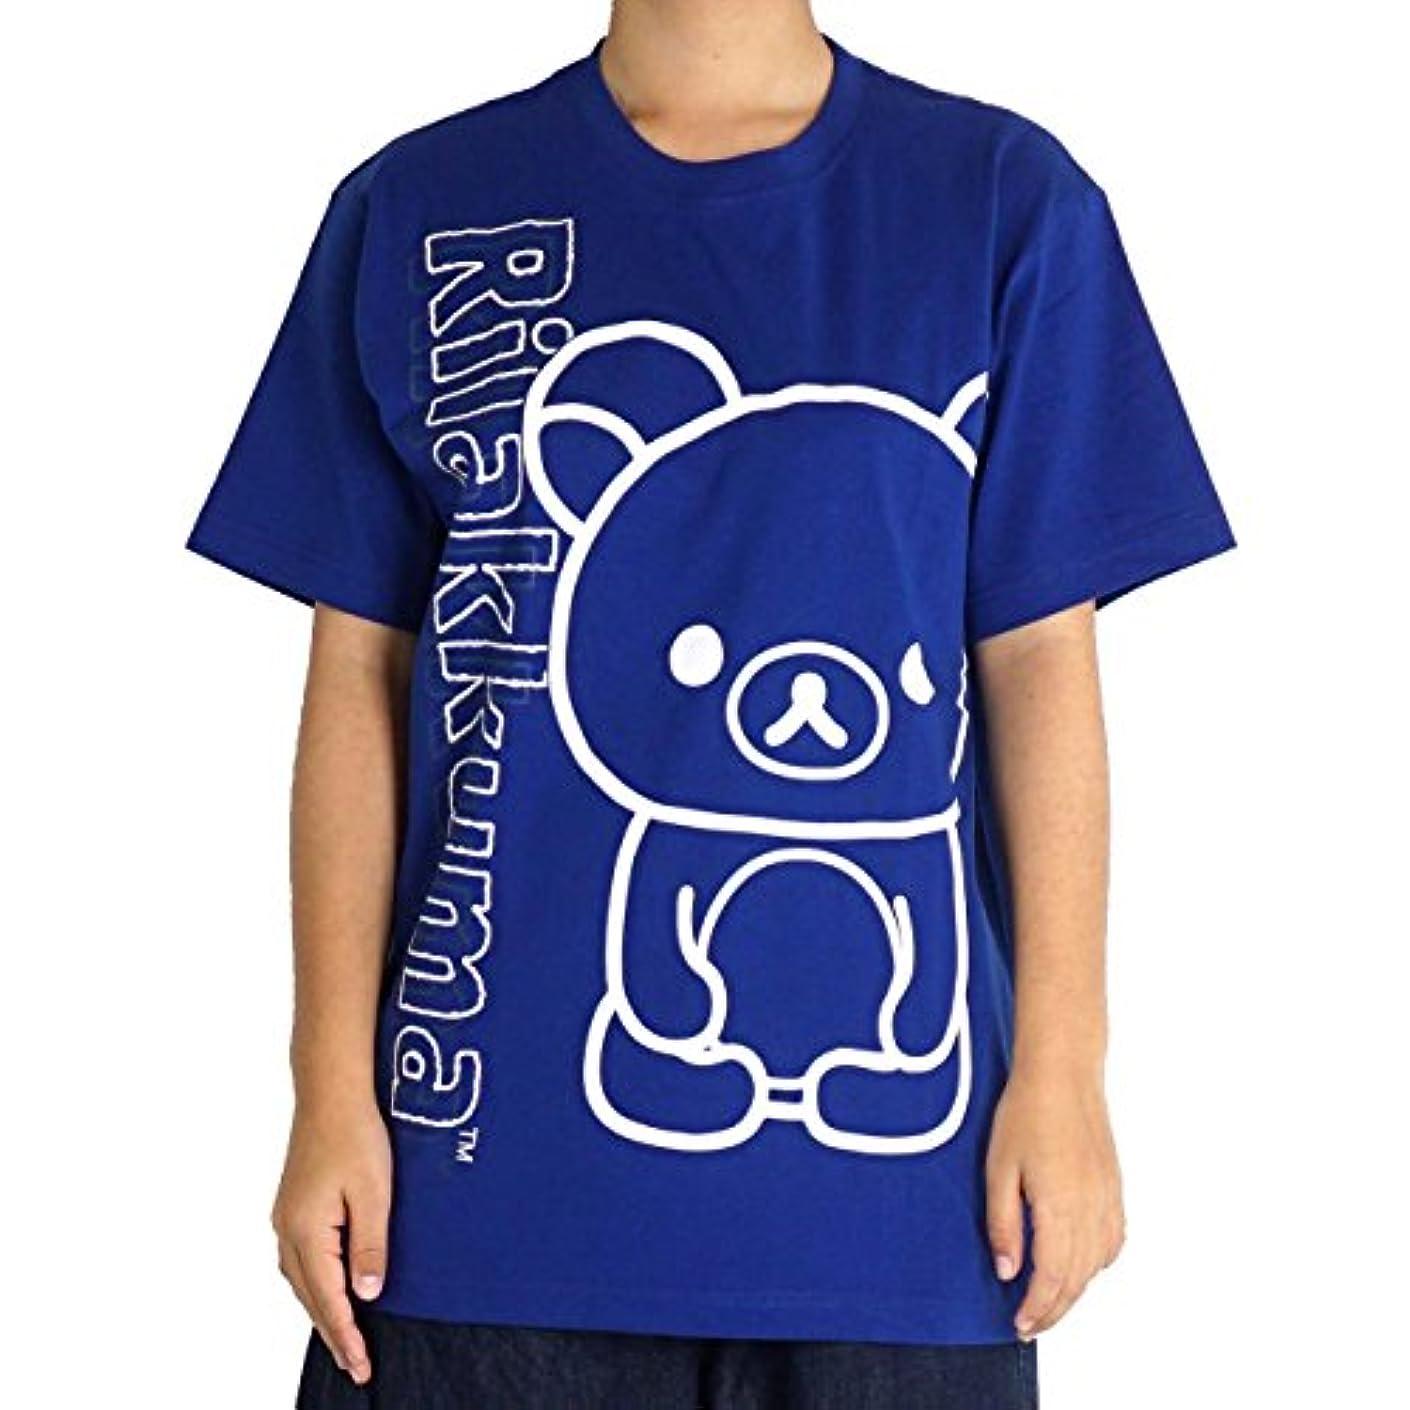 受け取るウサギ対象リラックマ tシャツ 半袖 メンズ レディース クルー 白 黒 M L LL